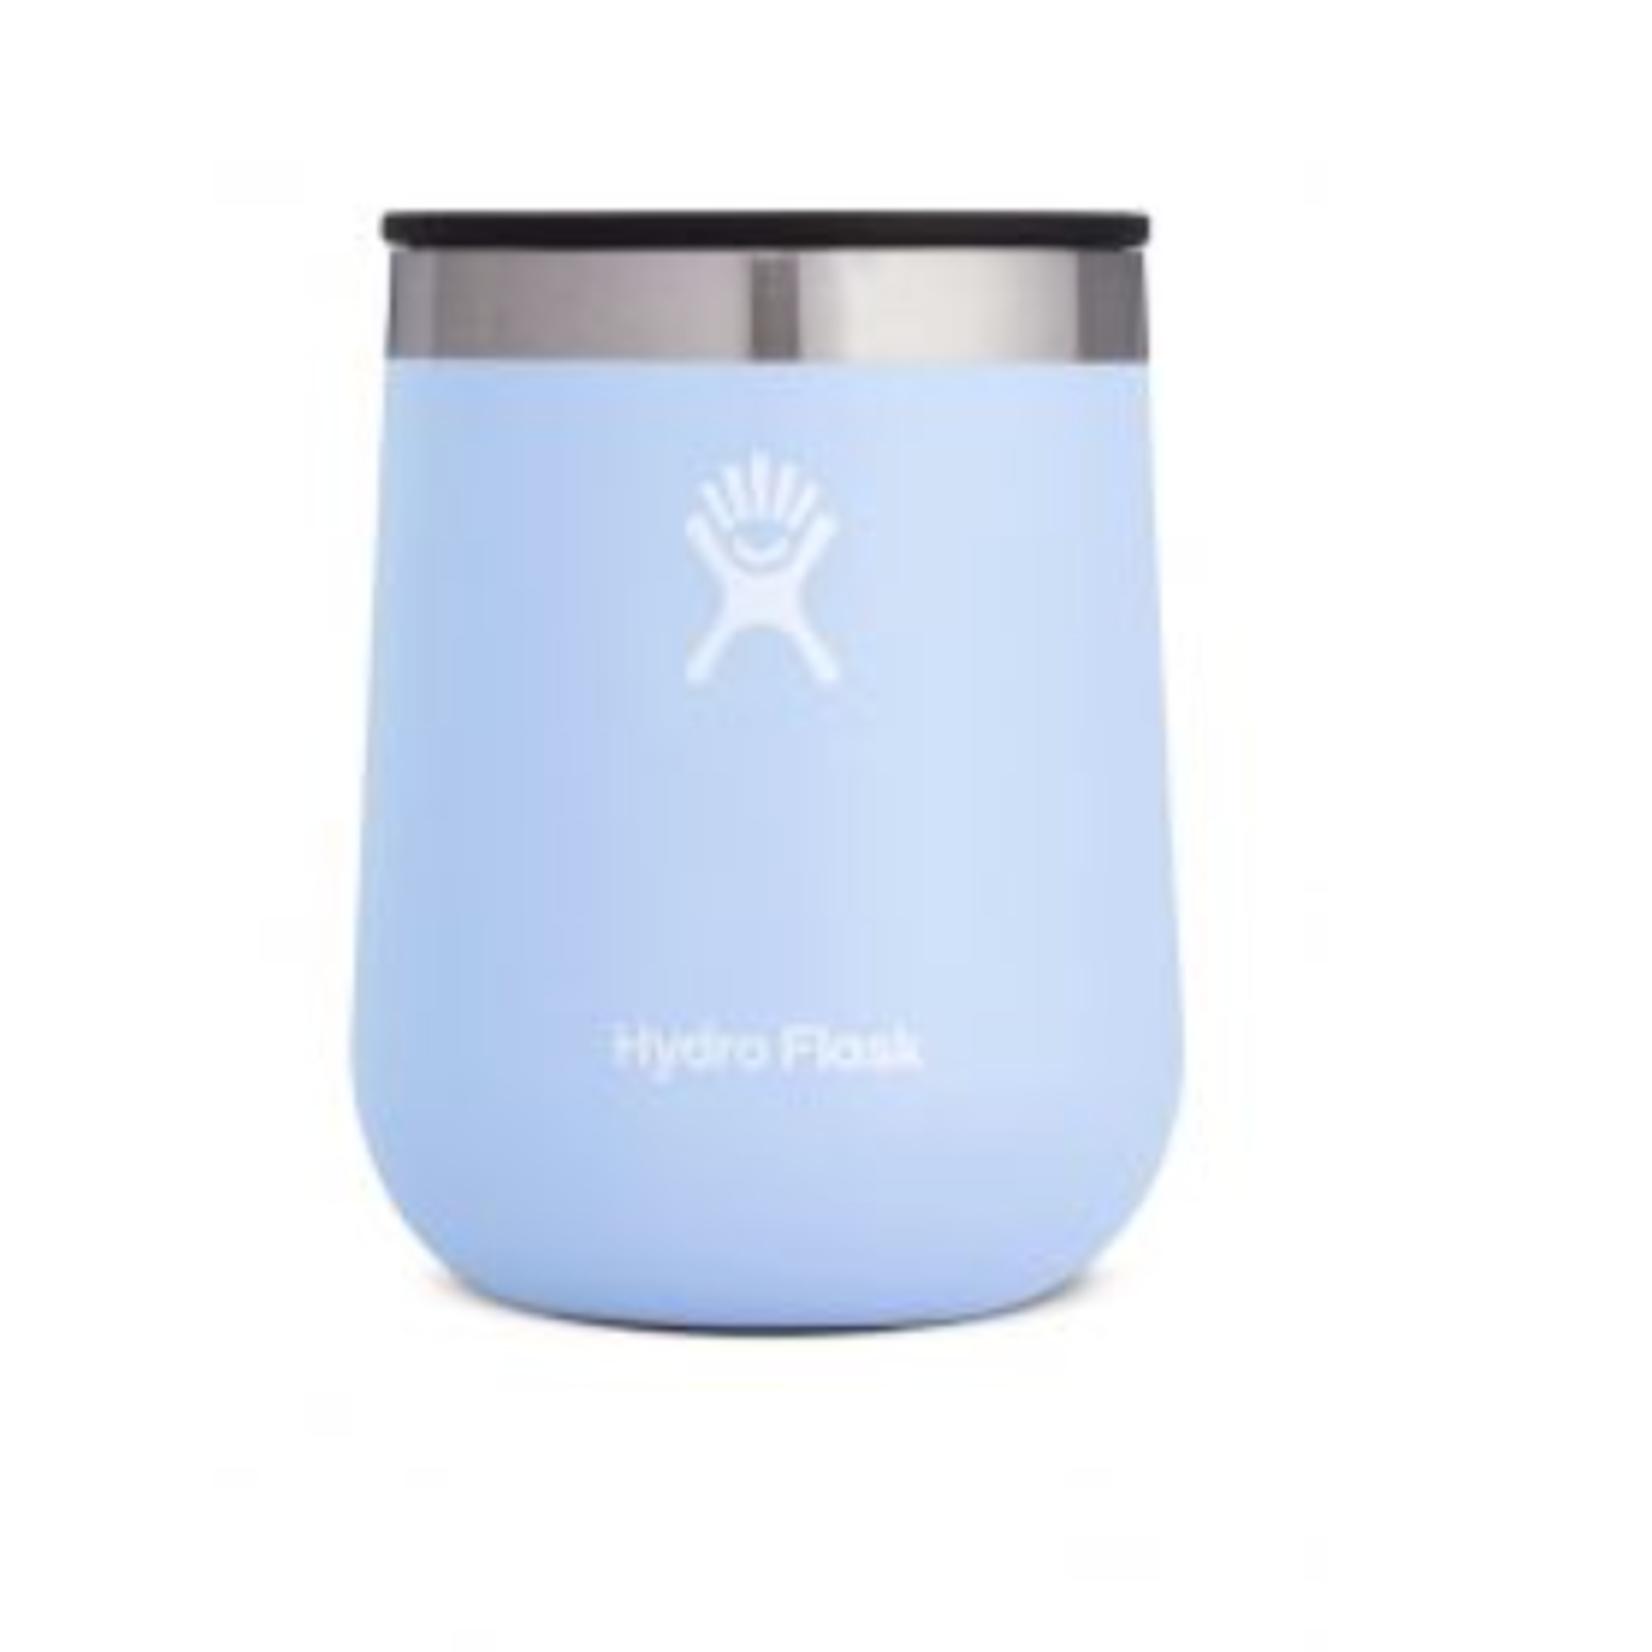 Hydro Flask Hydro Flask 10oz Wine Tumbler.